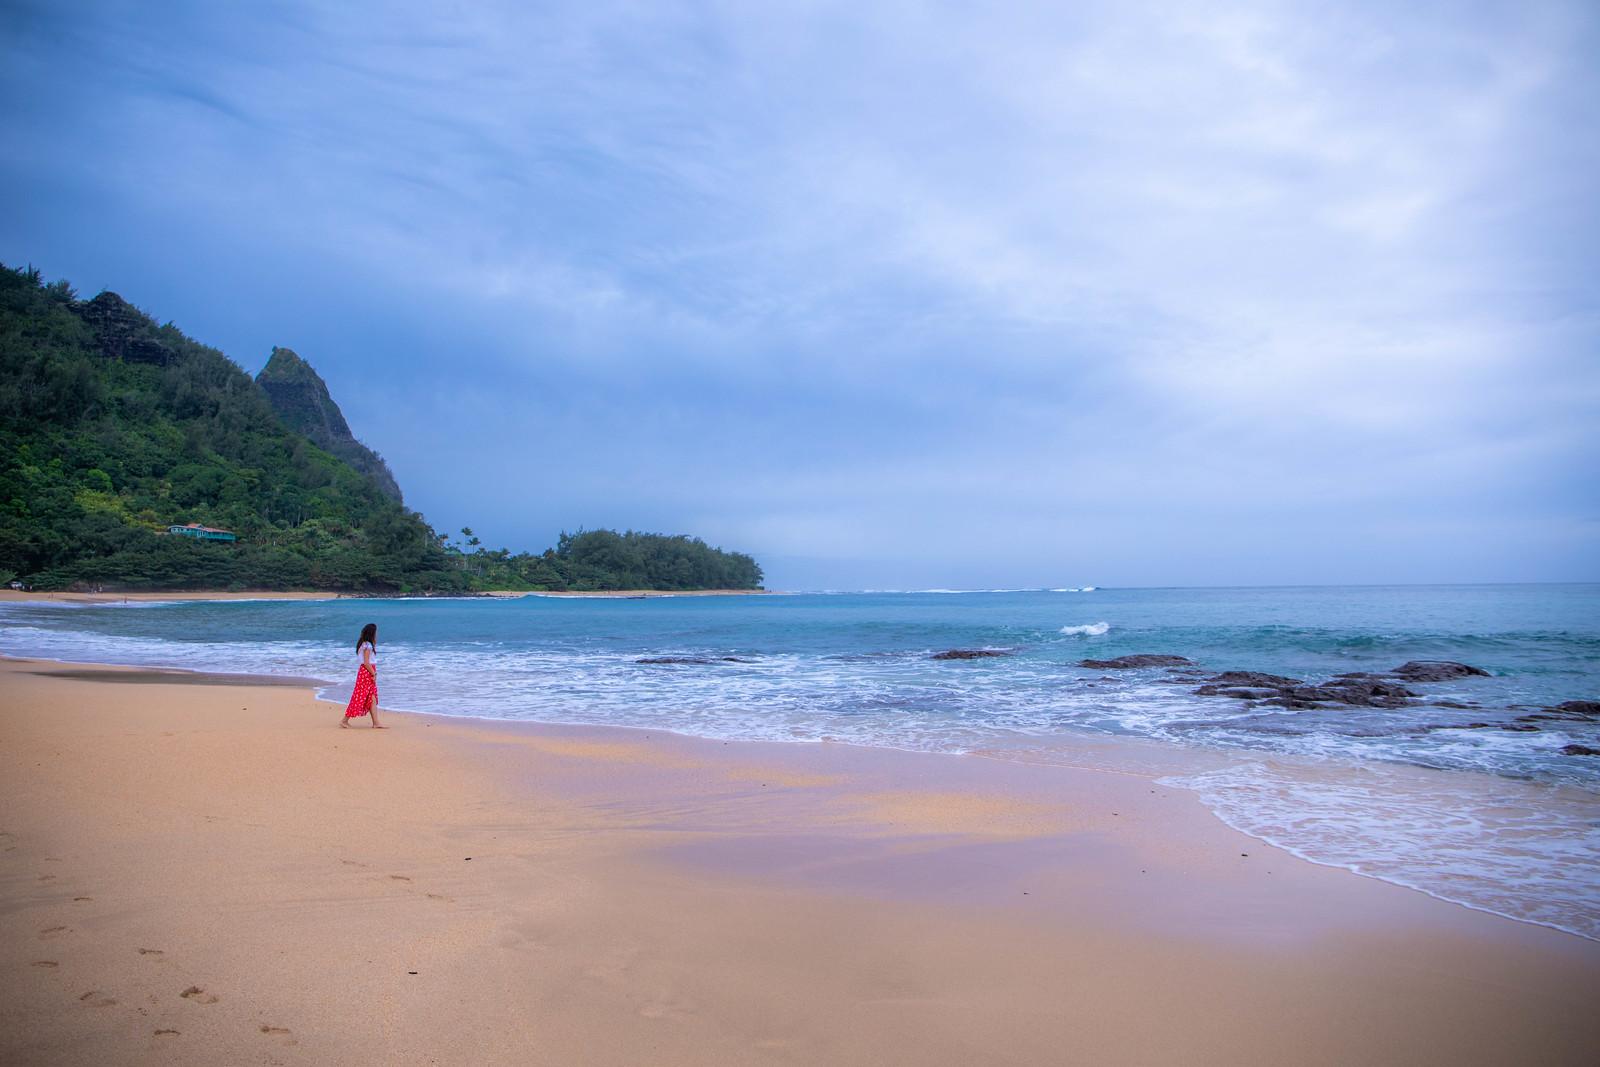 11.26. Kauai